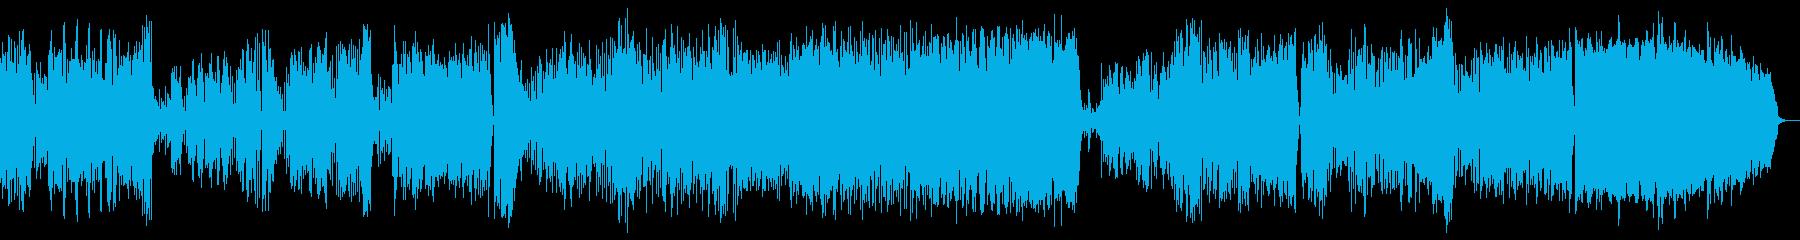 明るくおしゃれなワルツの再生済みの波形